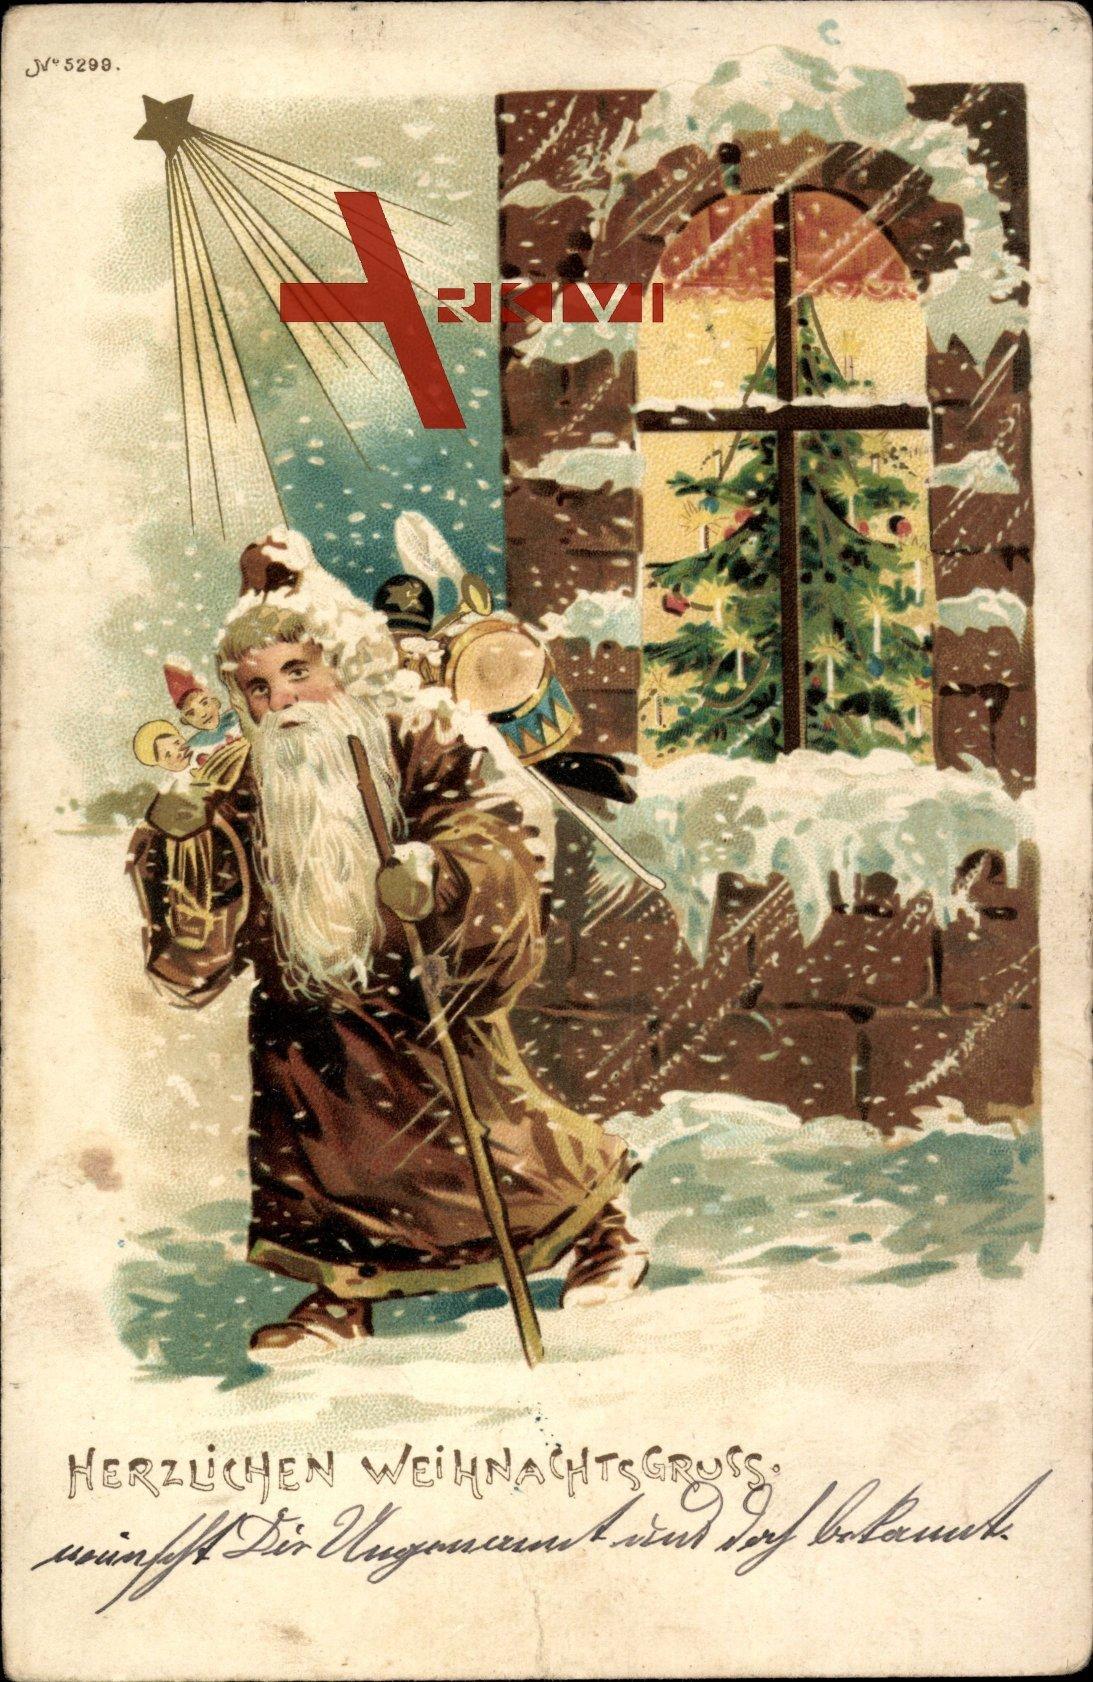 Glückwunsch Weihnachten, Weihnachtsmann, Spielzeug, Tannenbaum, Stern